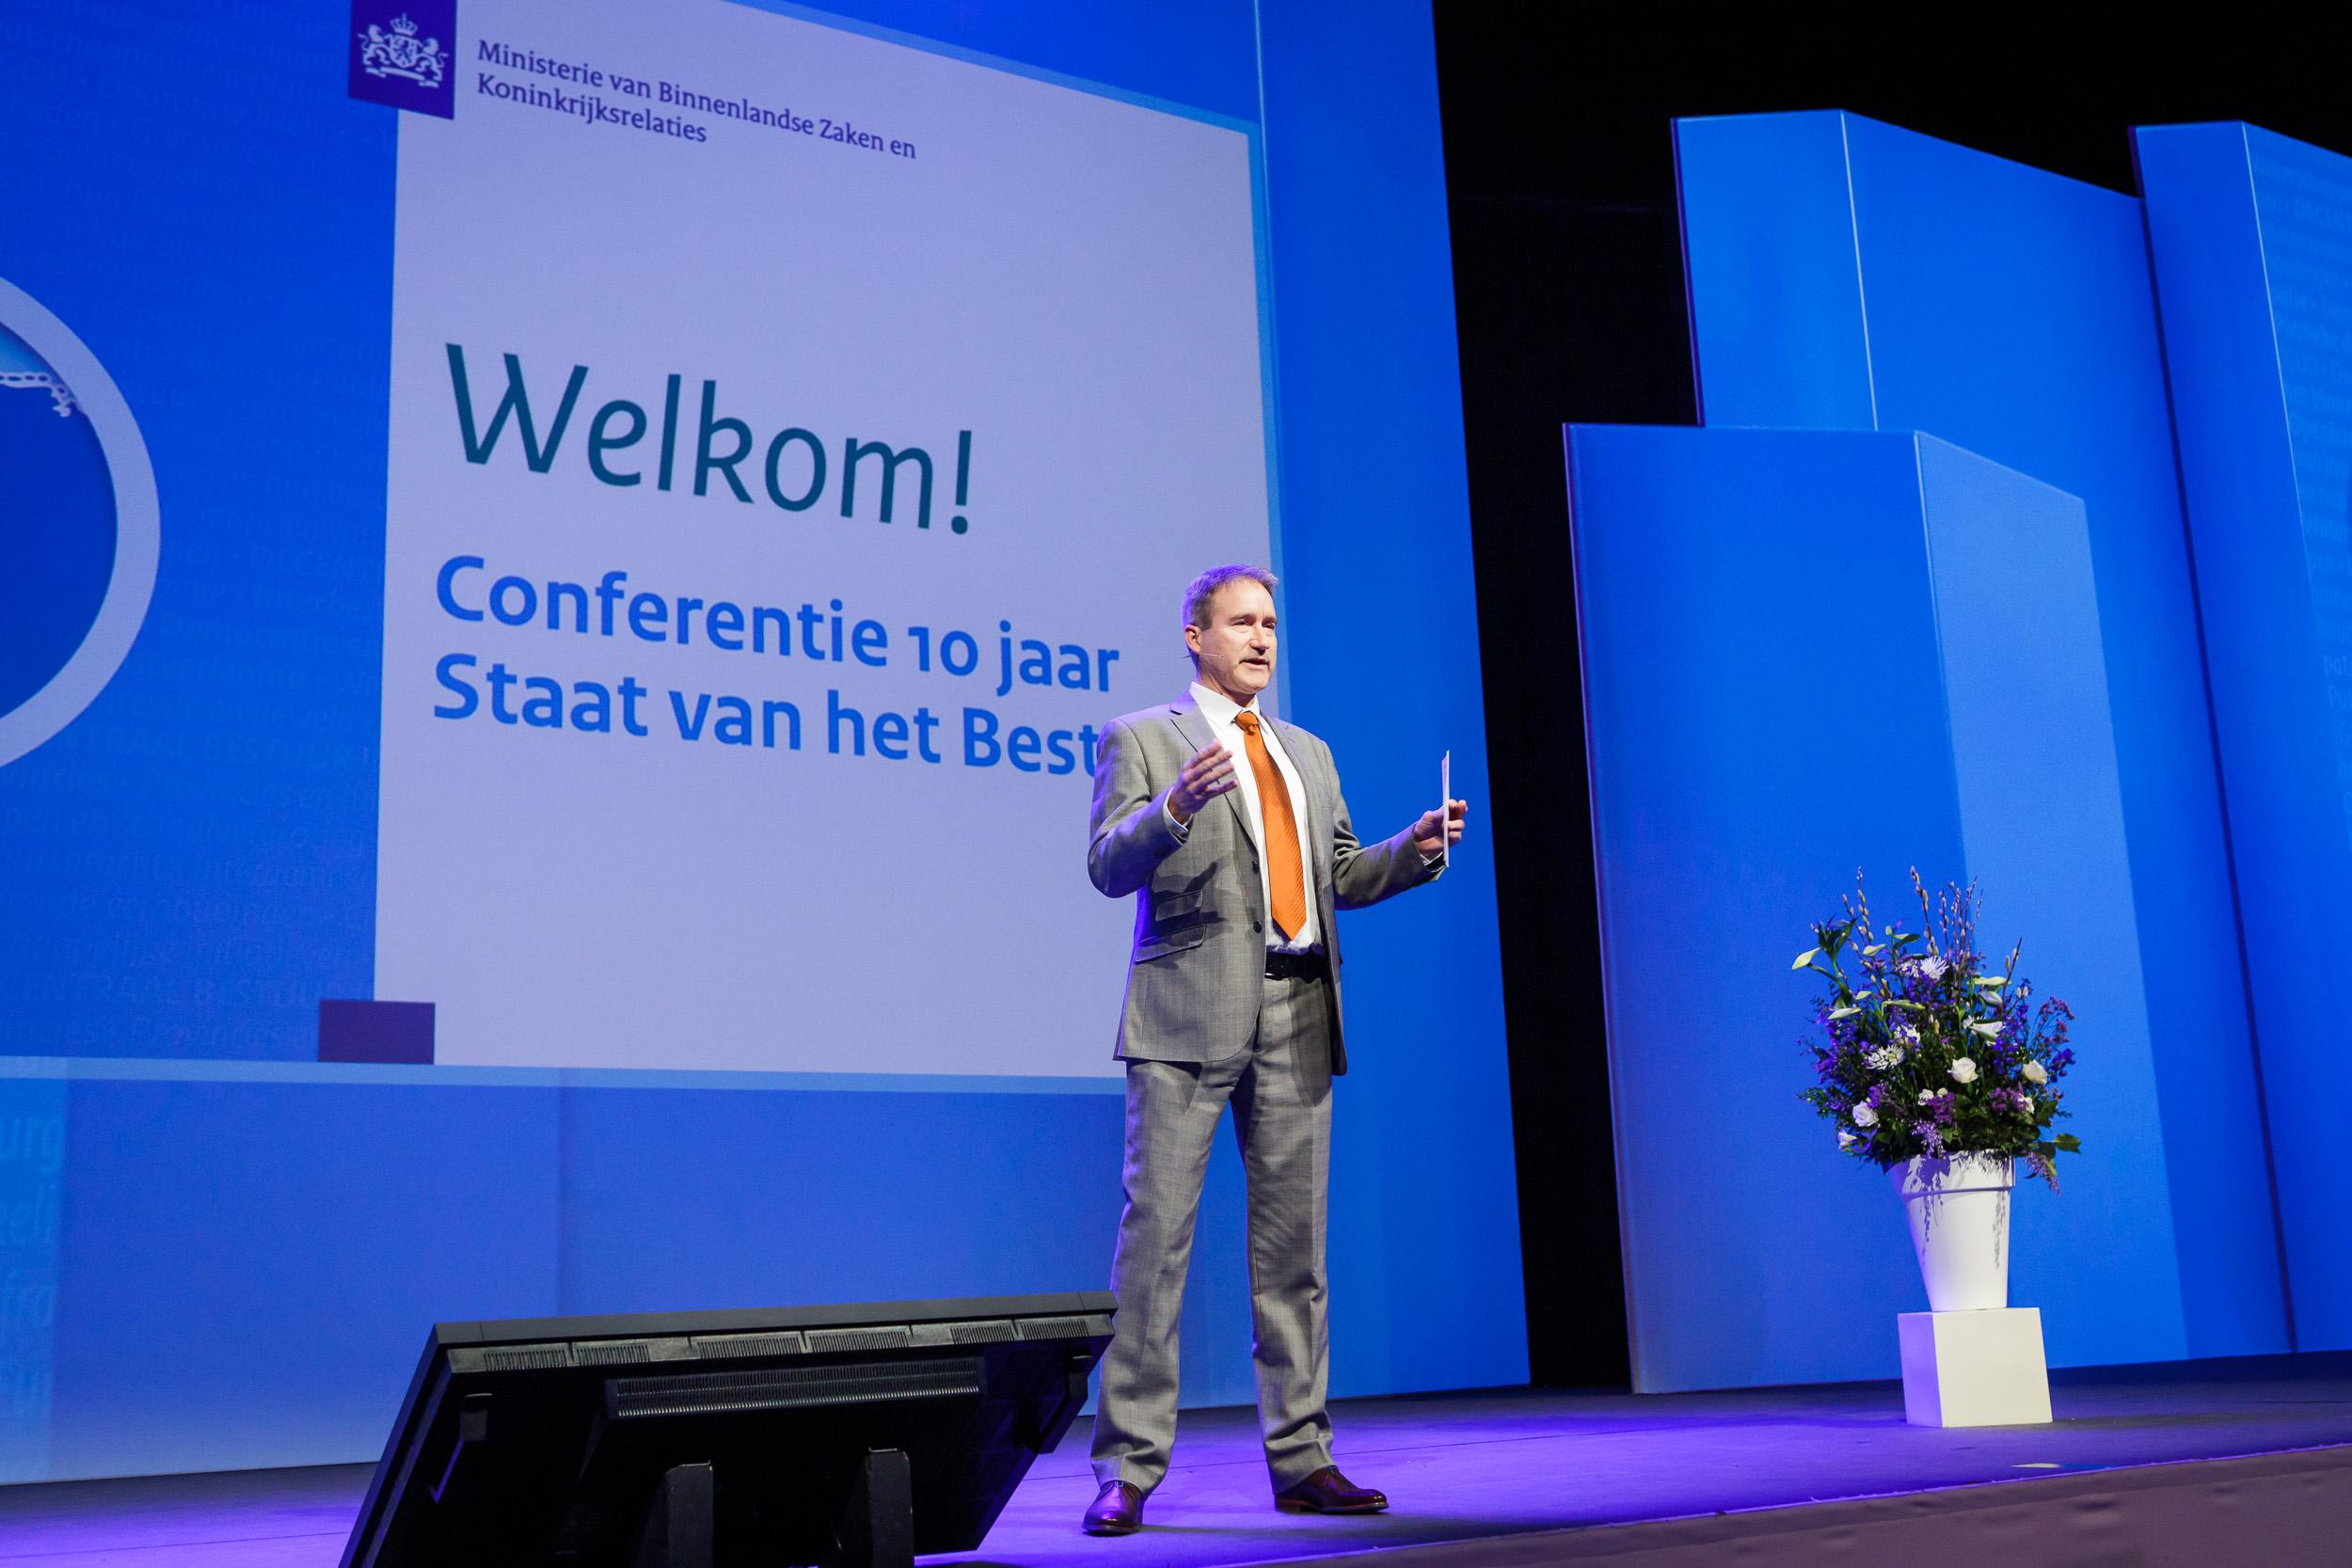 Conferentie 10 jaar Staat van het Bestuur